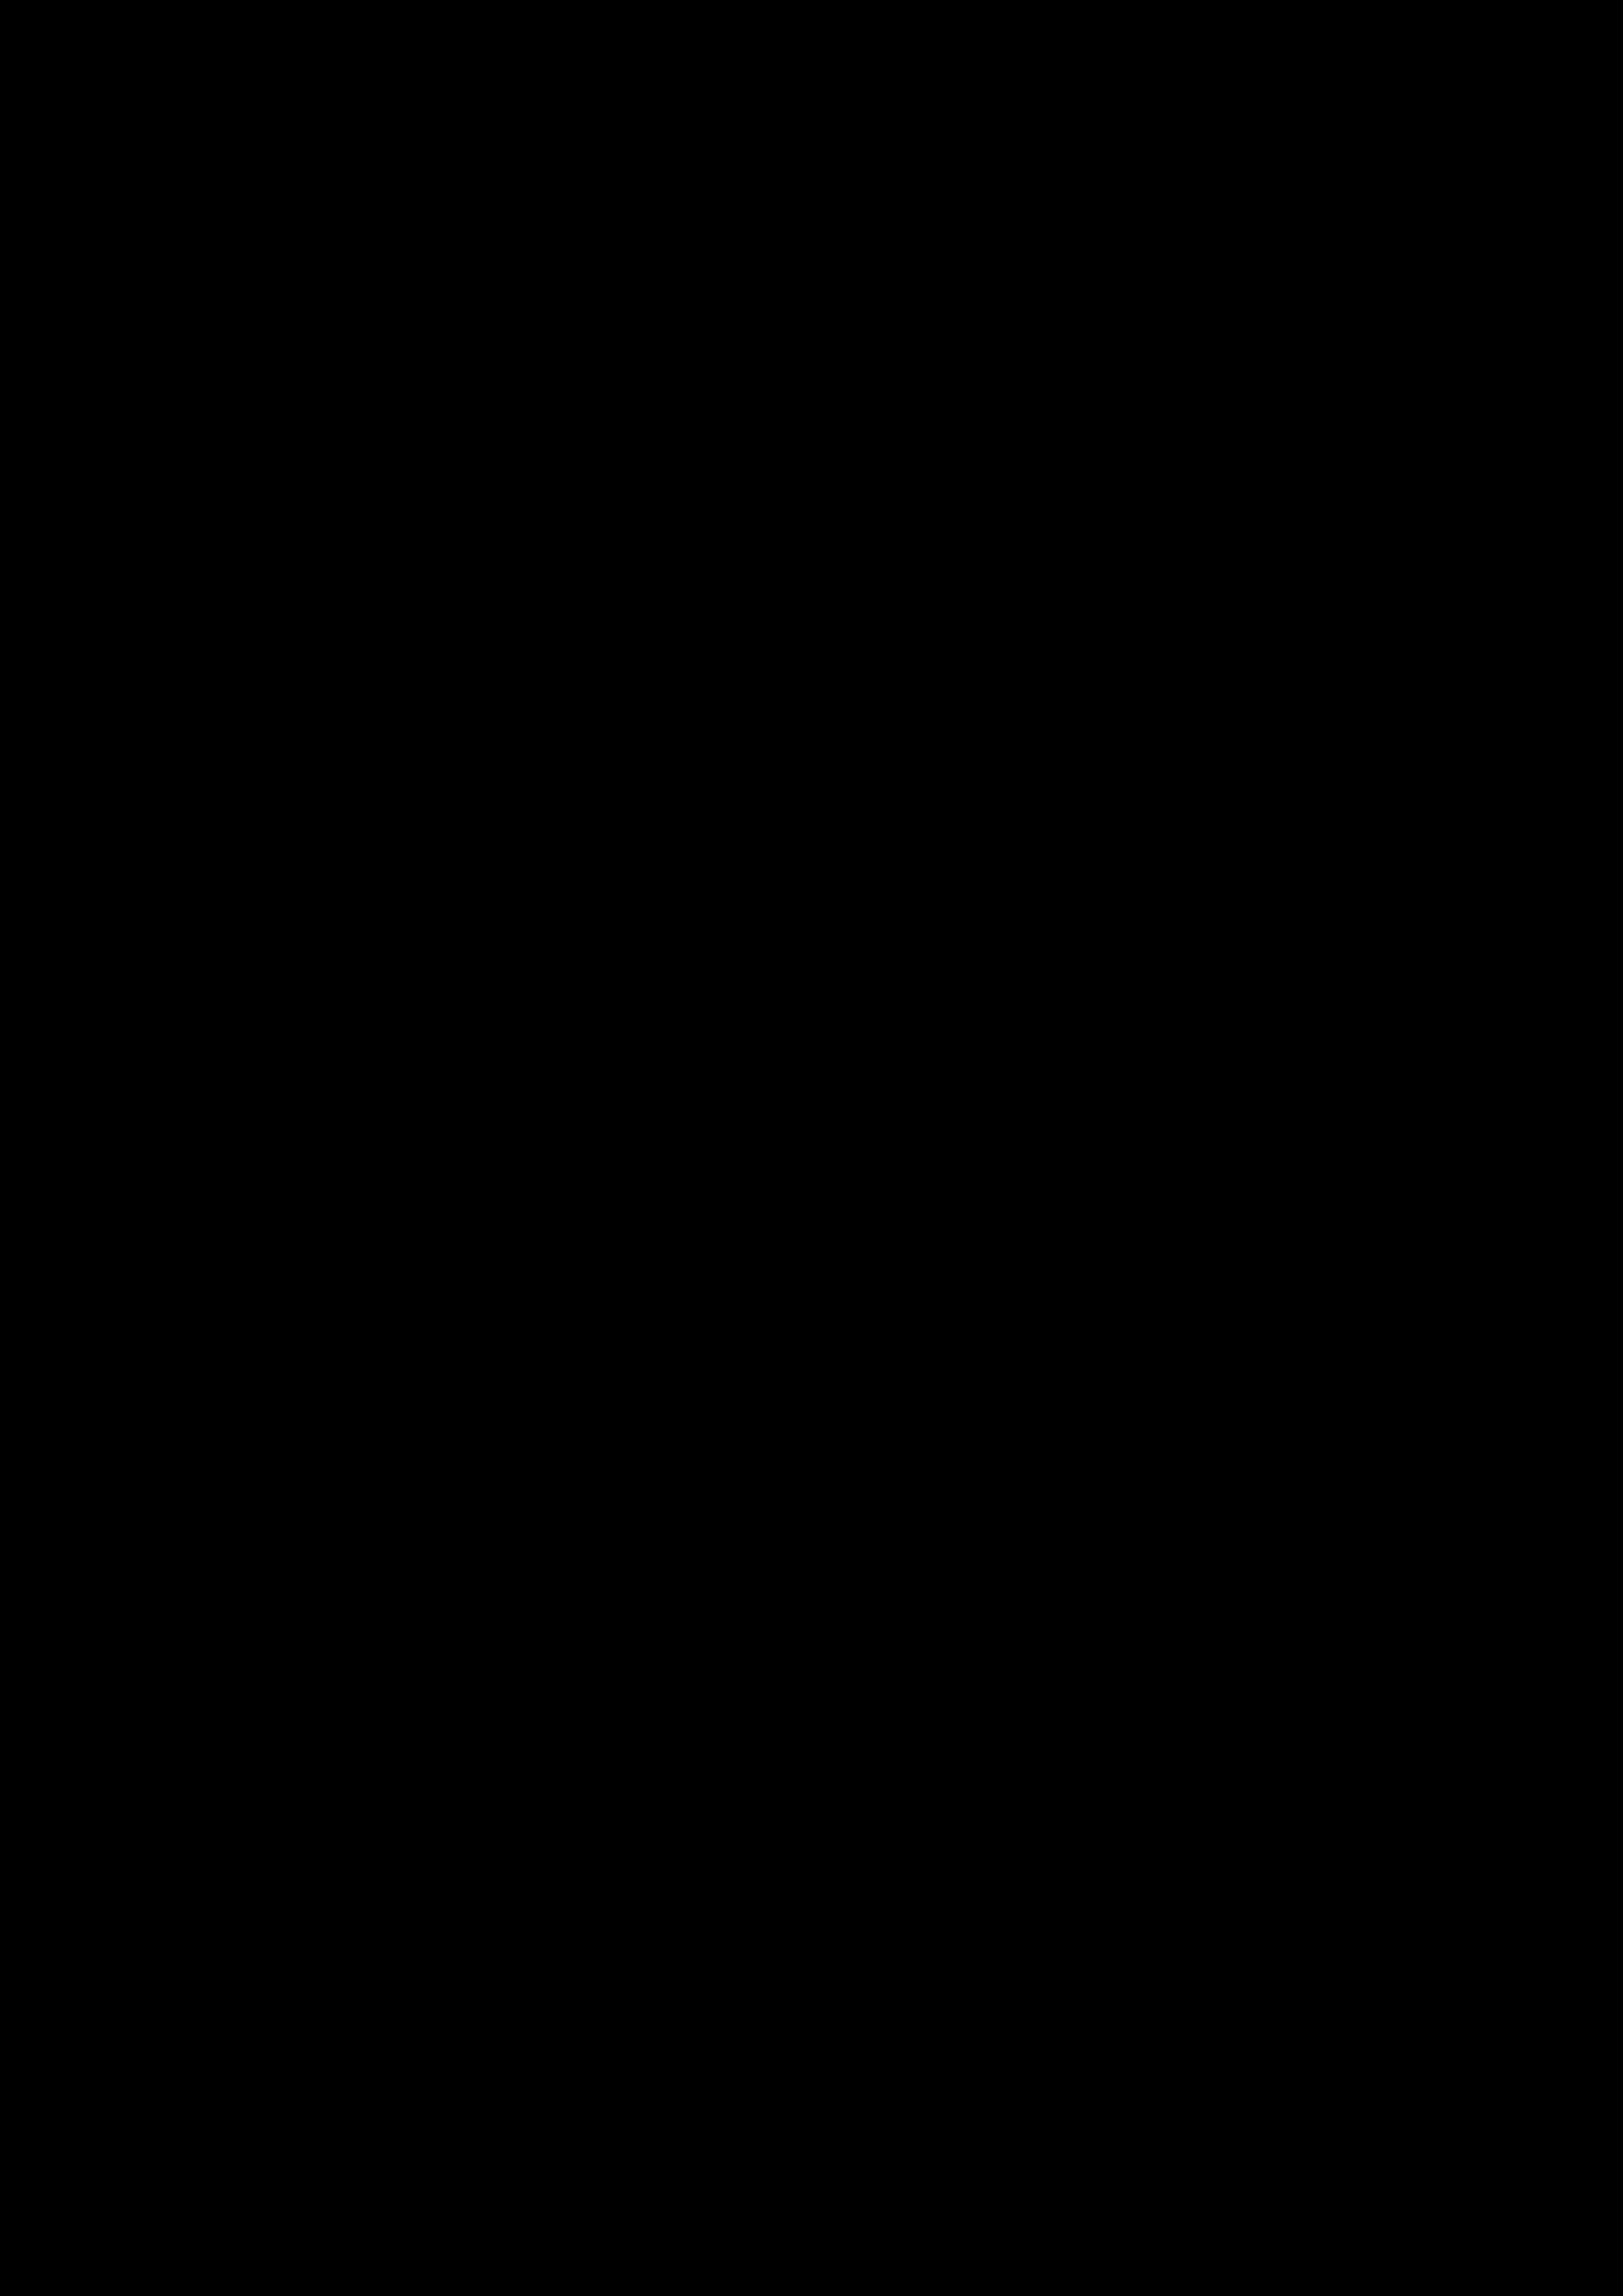 Clipart - Símbolo Religión Islam